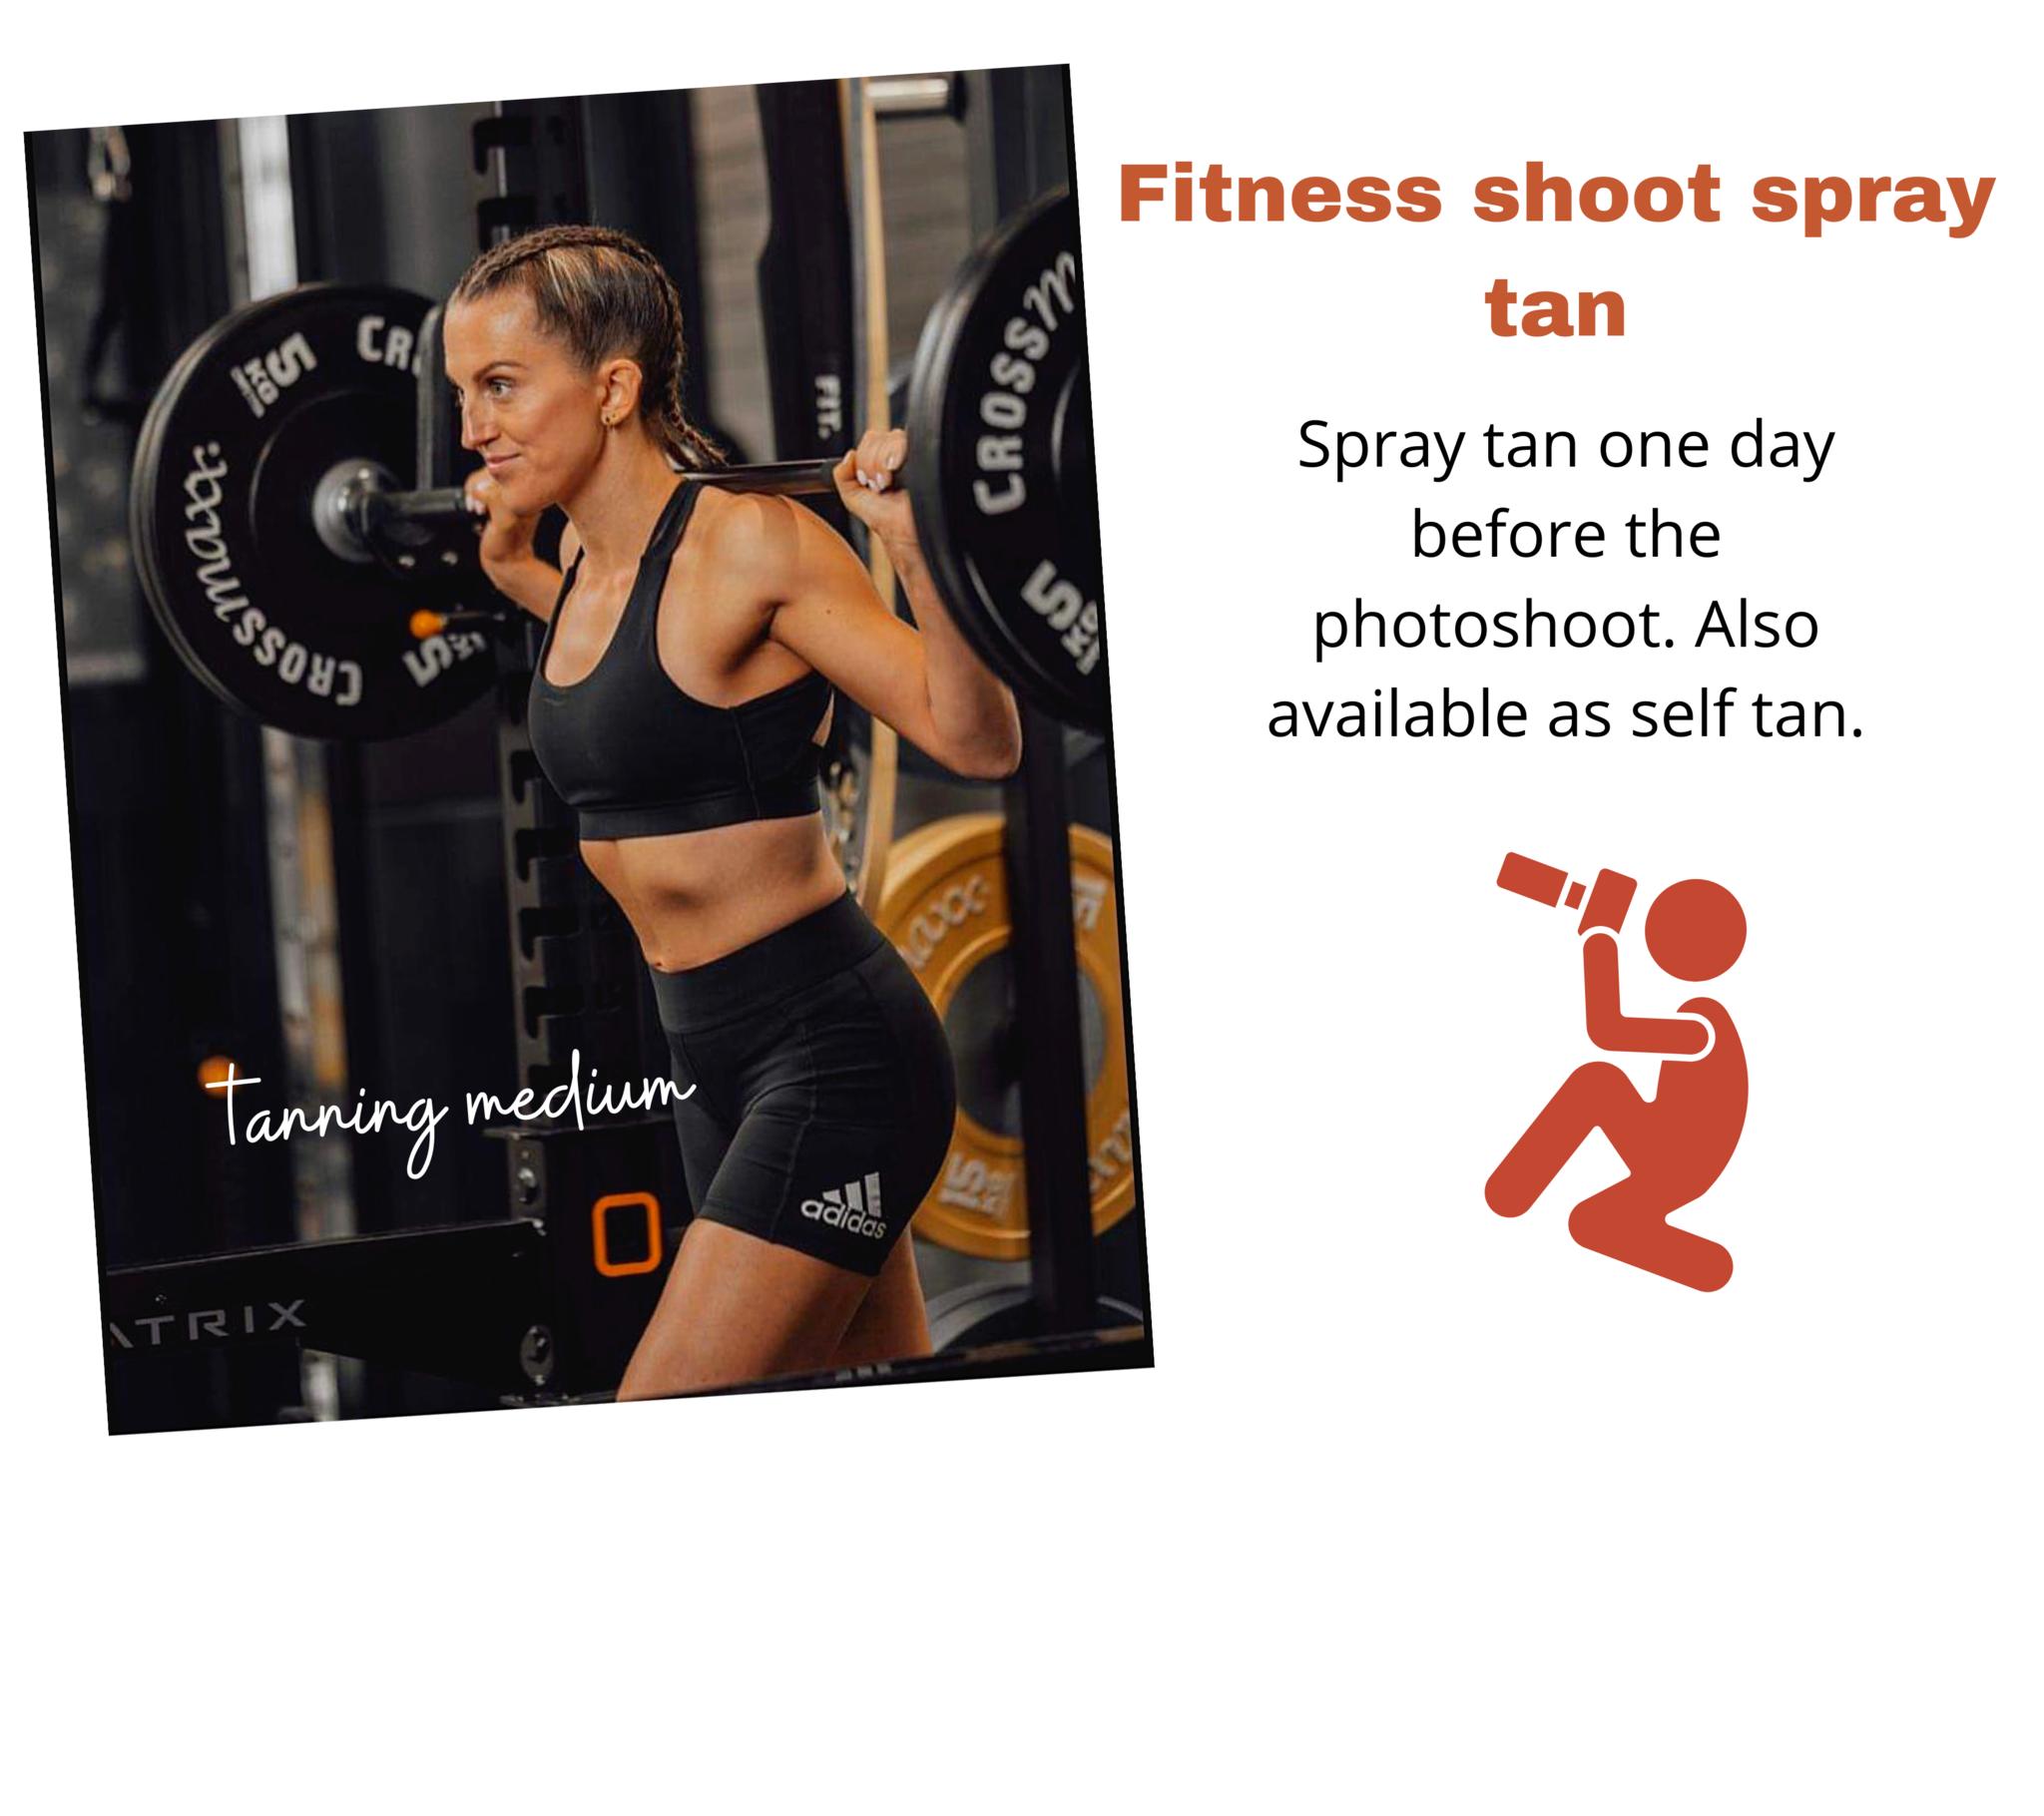 fitness shoot spray tanning